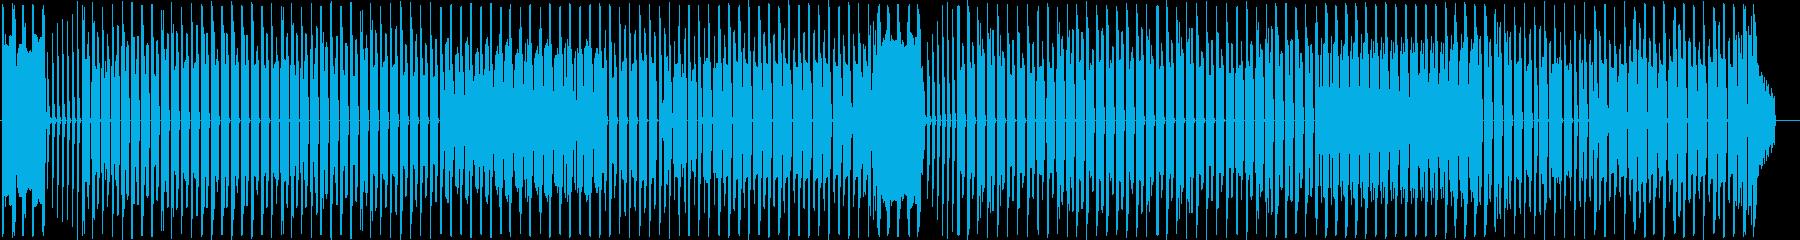 軽快なインフォメーションミュージックの再生済みの波形